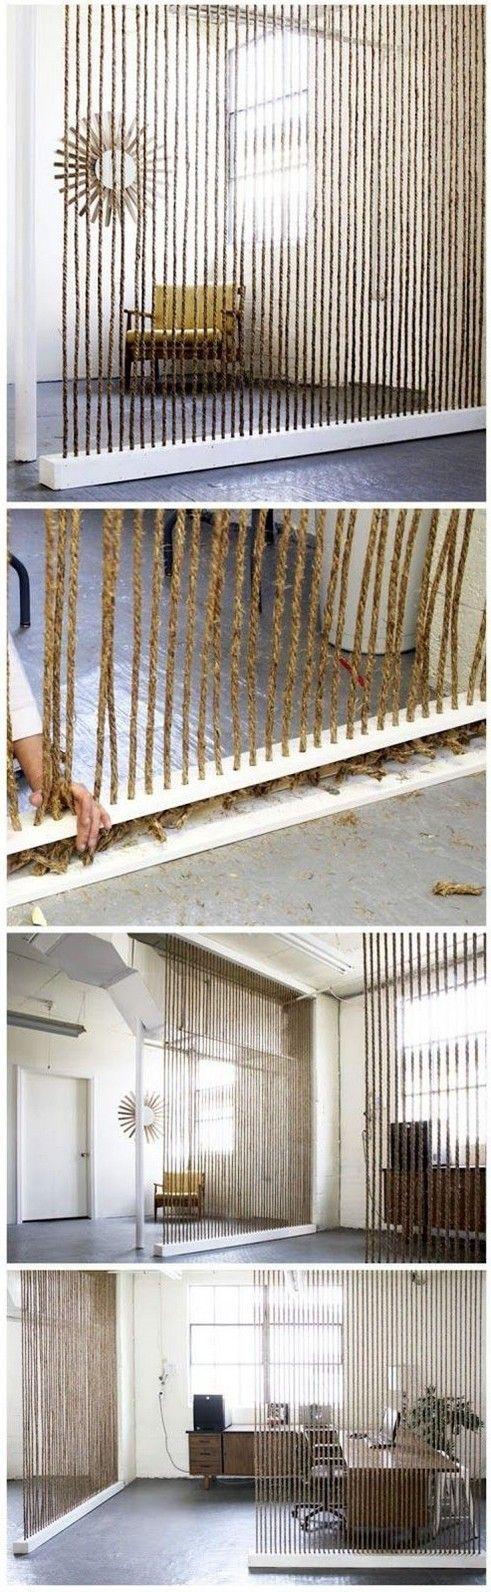 Séparation de pièce rideaux de corde Créer entrée maison - creer une entree dans une maison